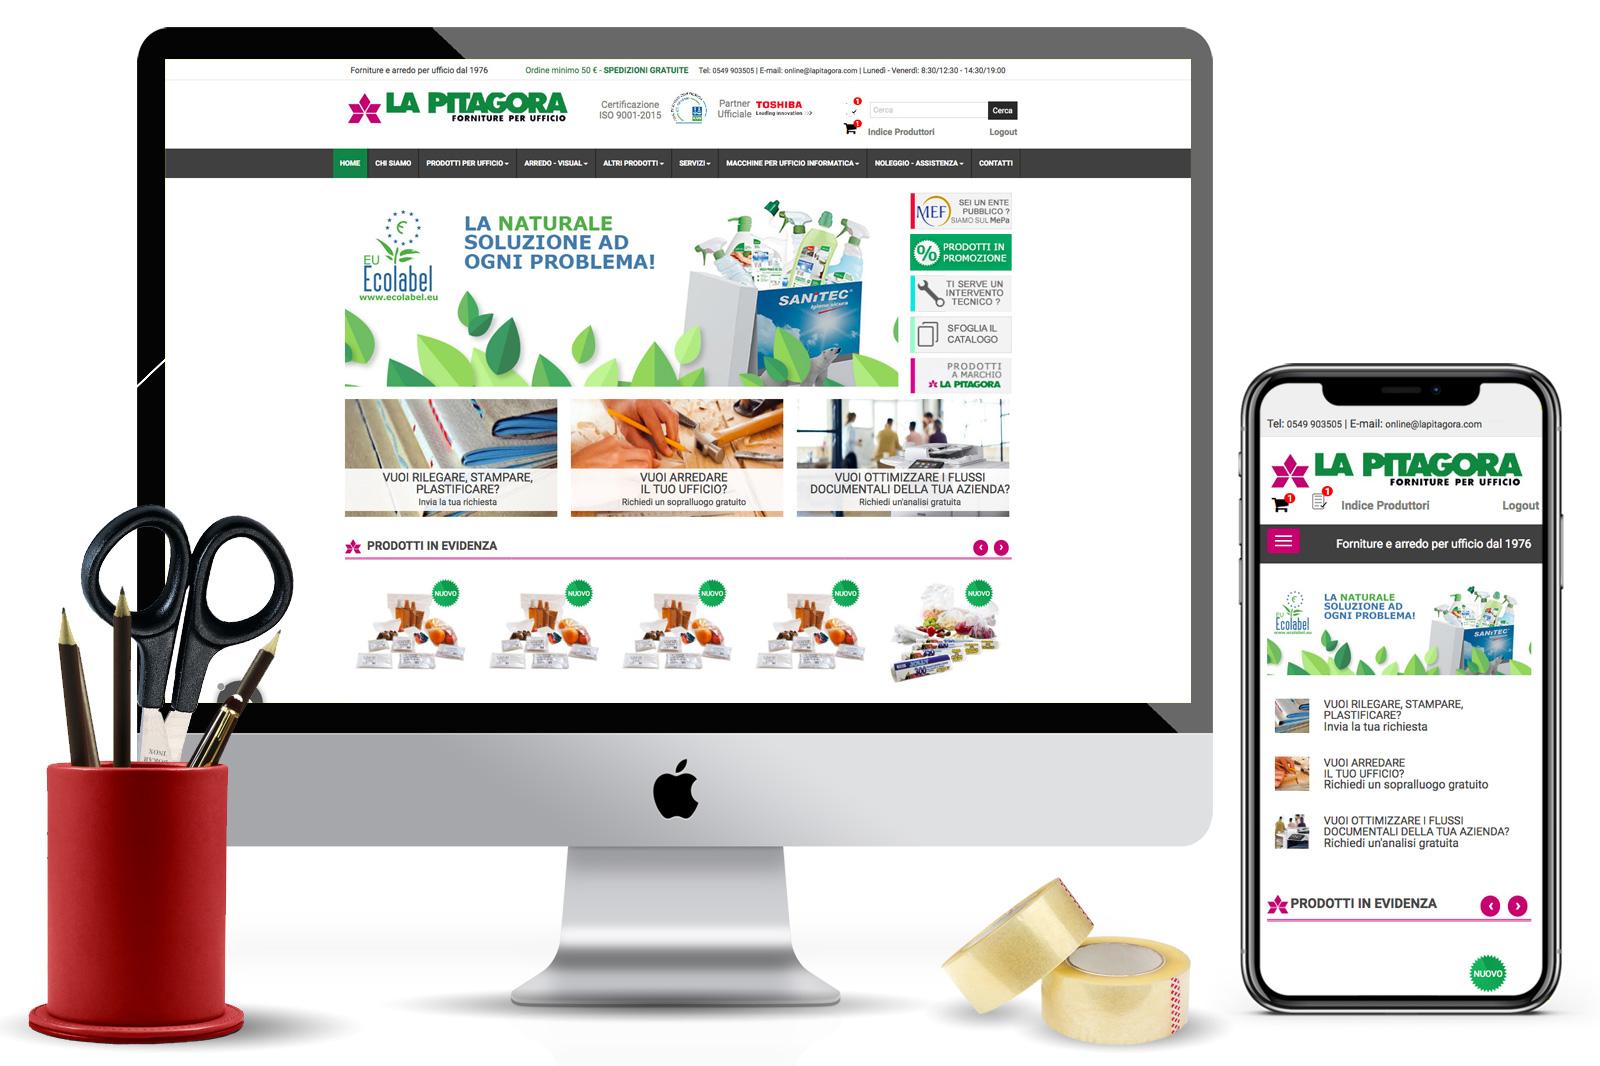 realizzazione-ecommerce-personalizzato-san-marino-LA-PITAGORA